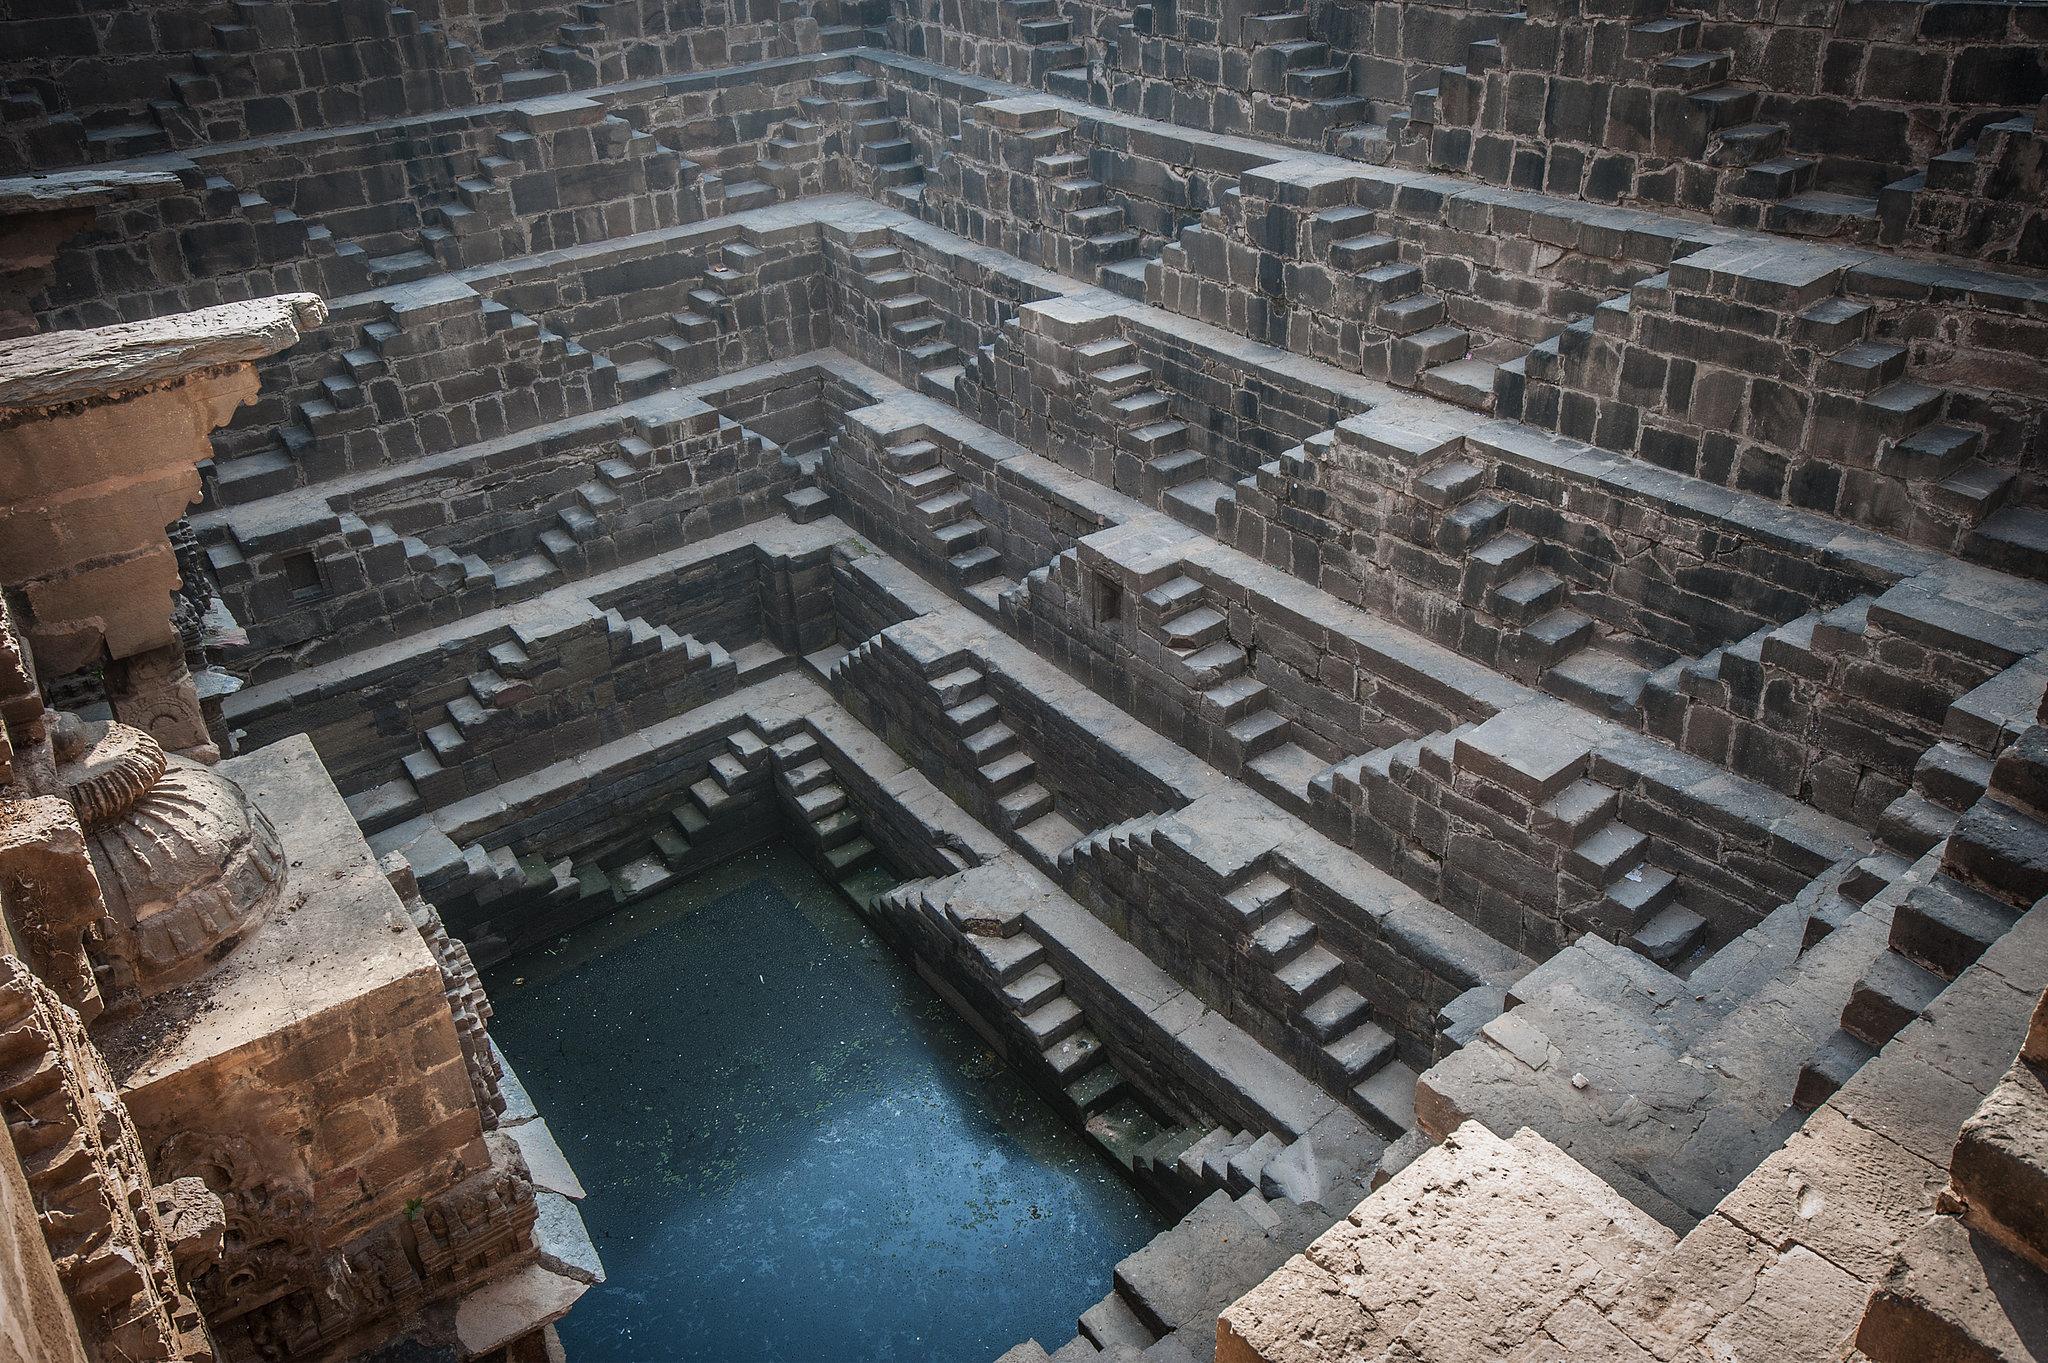 Architettura Sostenibile Architetti l'architettura sostenibile e' senza architetti – chora